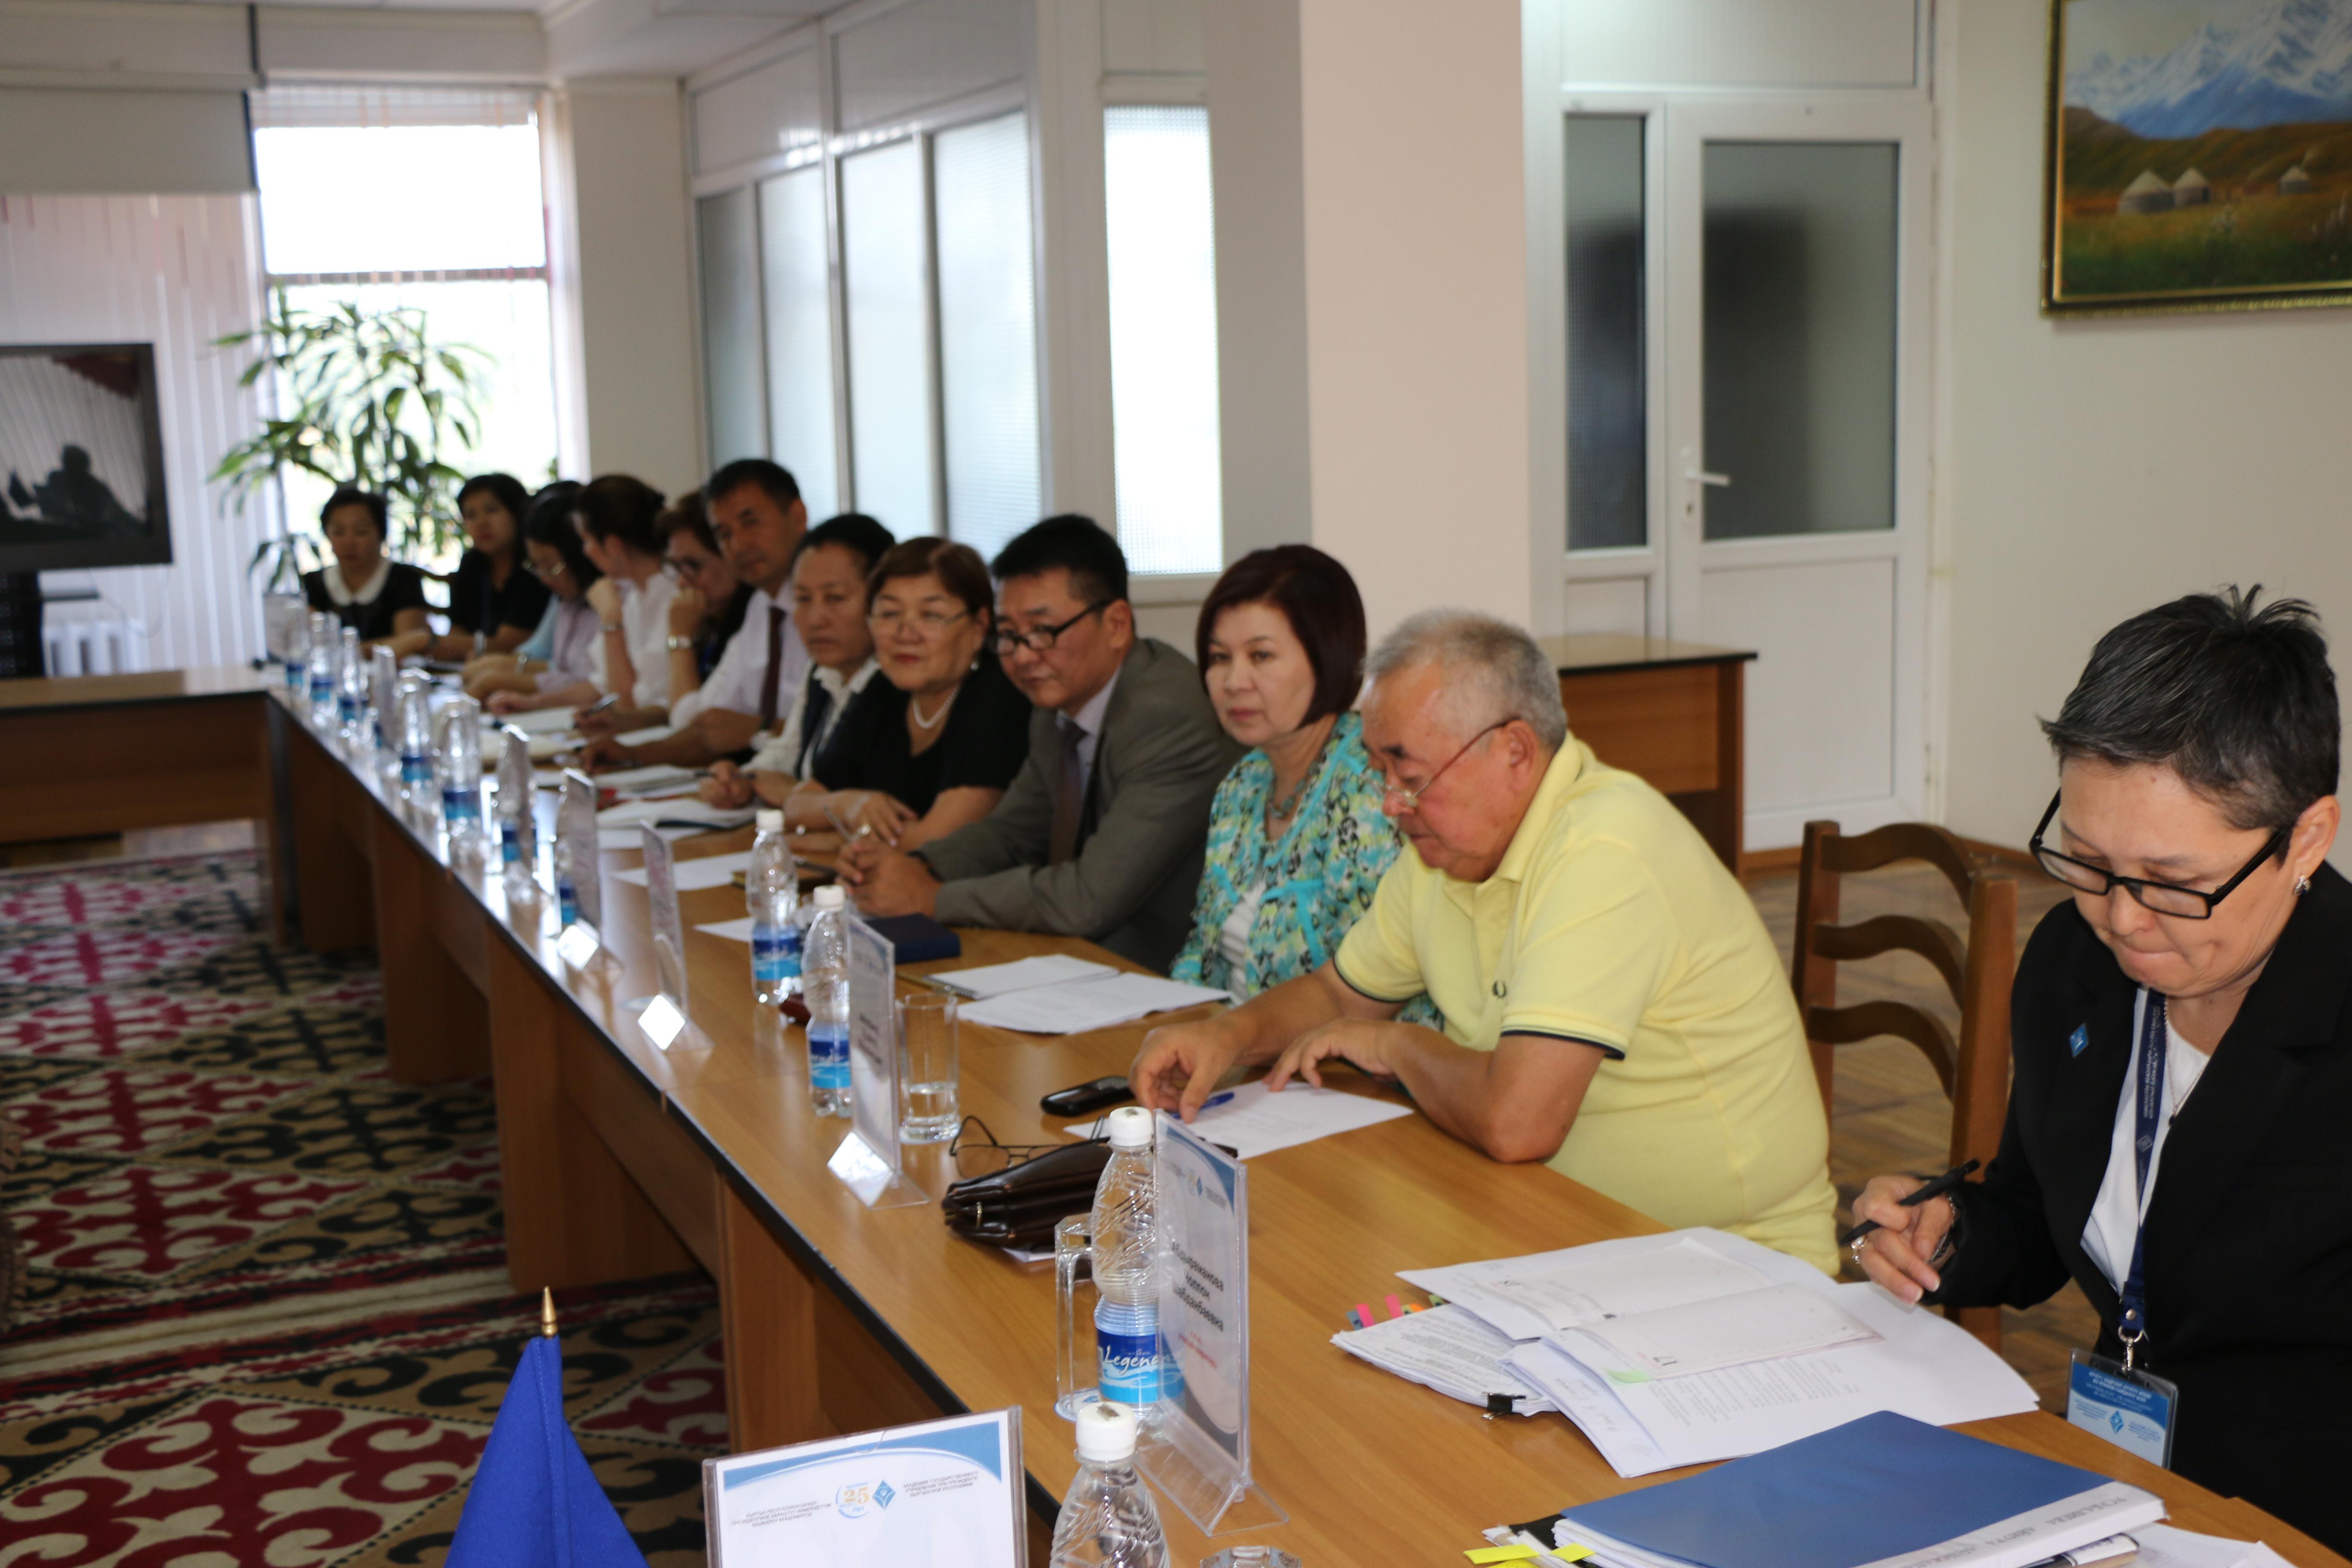 В АГУПКР открылся диссертационный совет по защите кандидатских и  В АГУПКР открылся диссертационный совет по защите кандидатских и докторских диссертаций по политнаукам